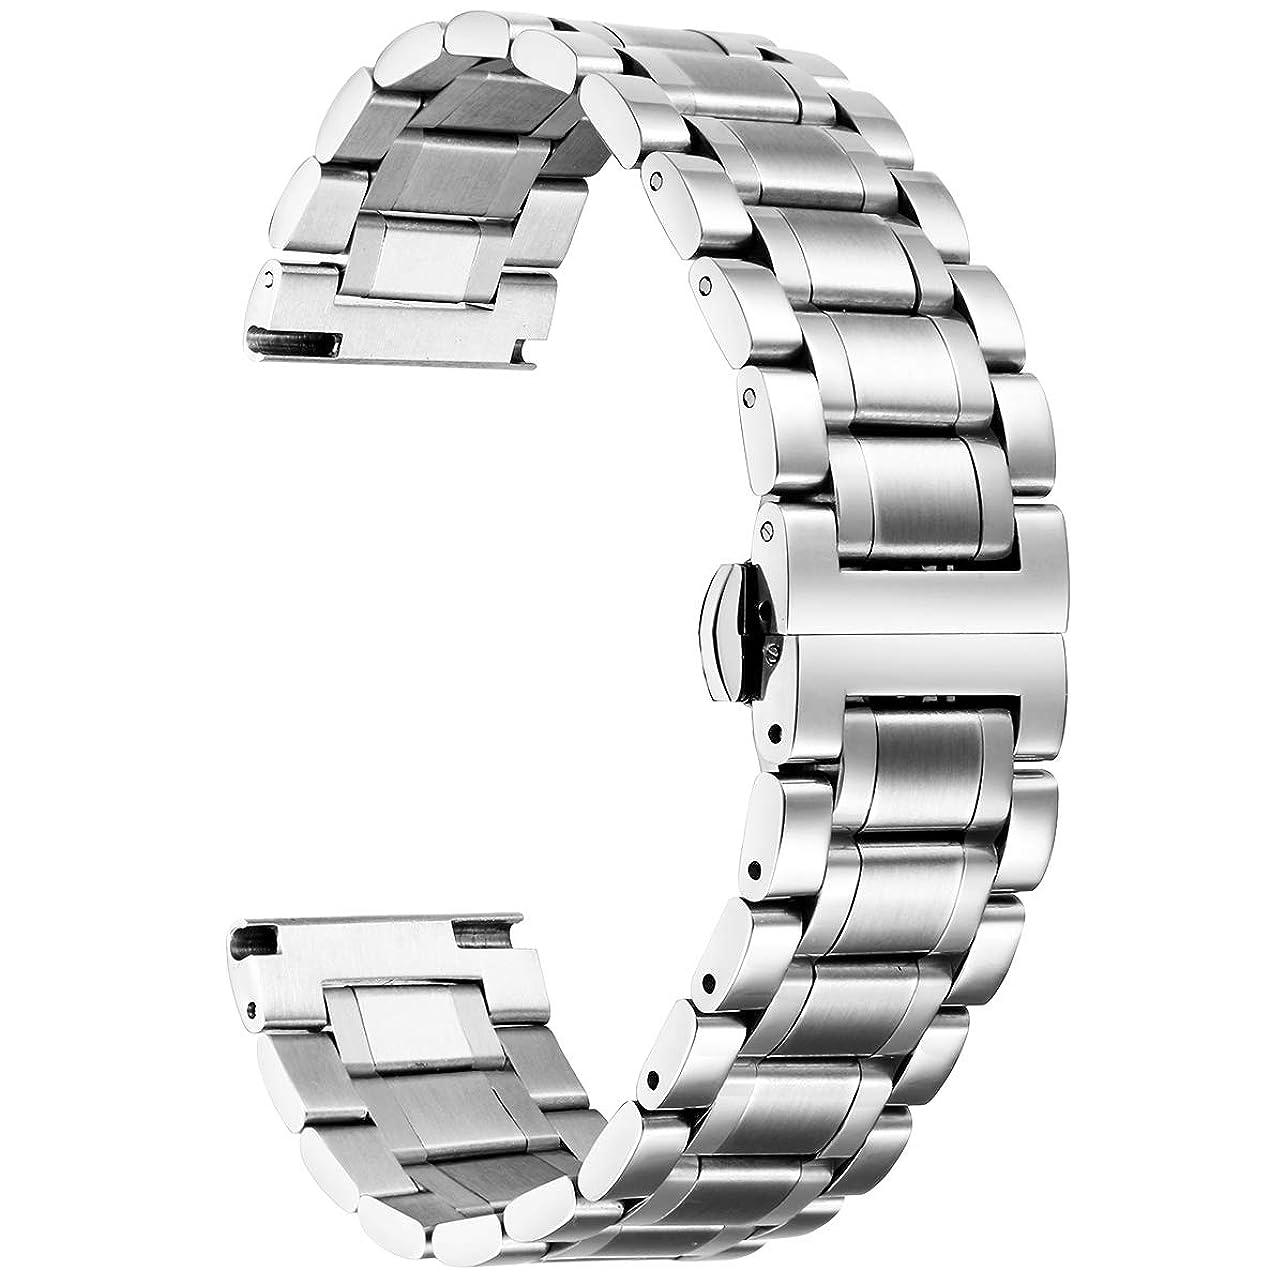 追うカフェ肥料ステンレスベルト ウォッチベルト 交換ベルト 腕時計バンド 防水性 5色 12mm,14mm,16mm,18mm,19mm,20mm,21mm,22mm,24mm